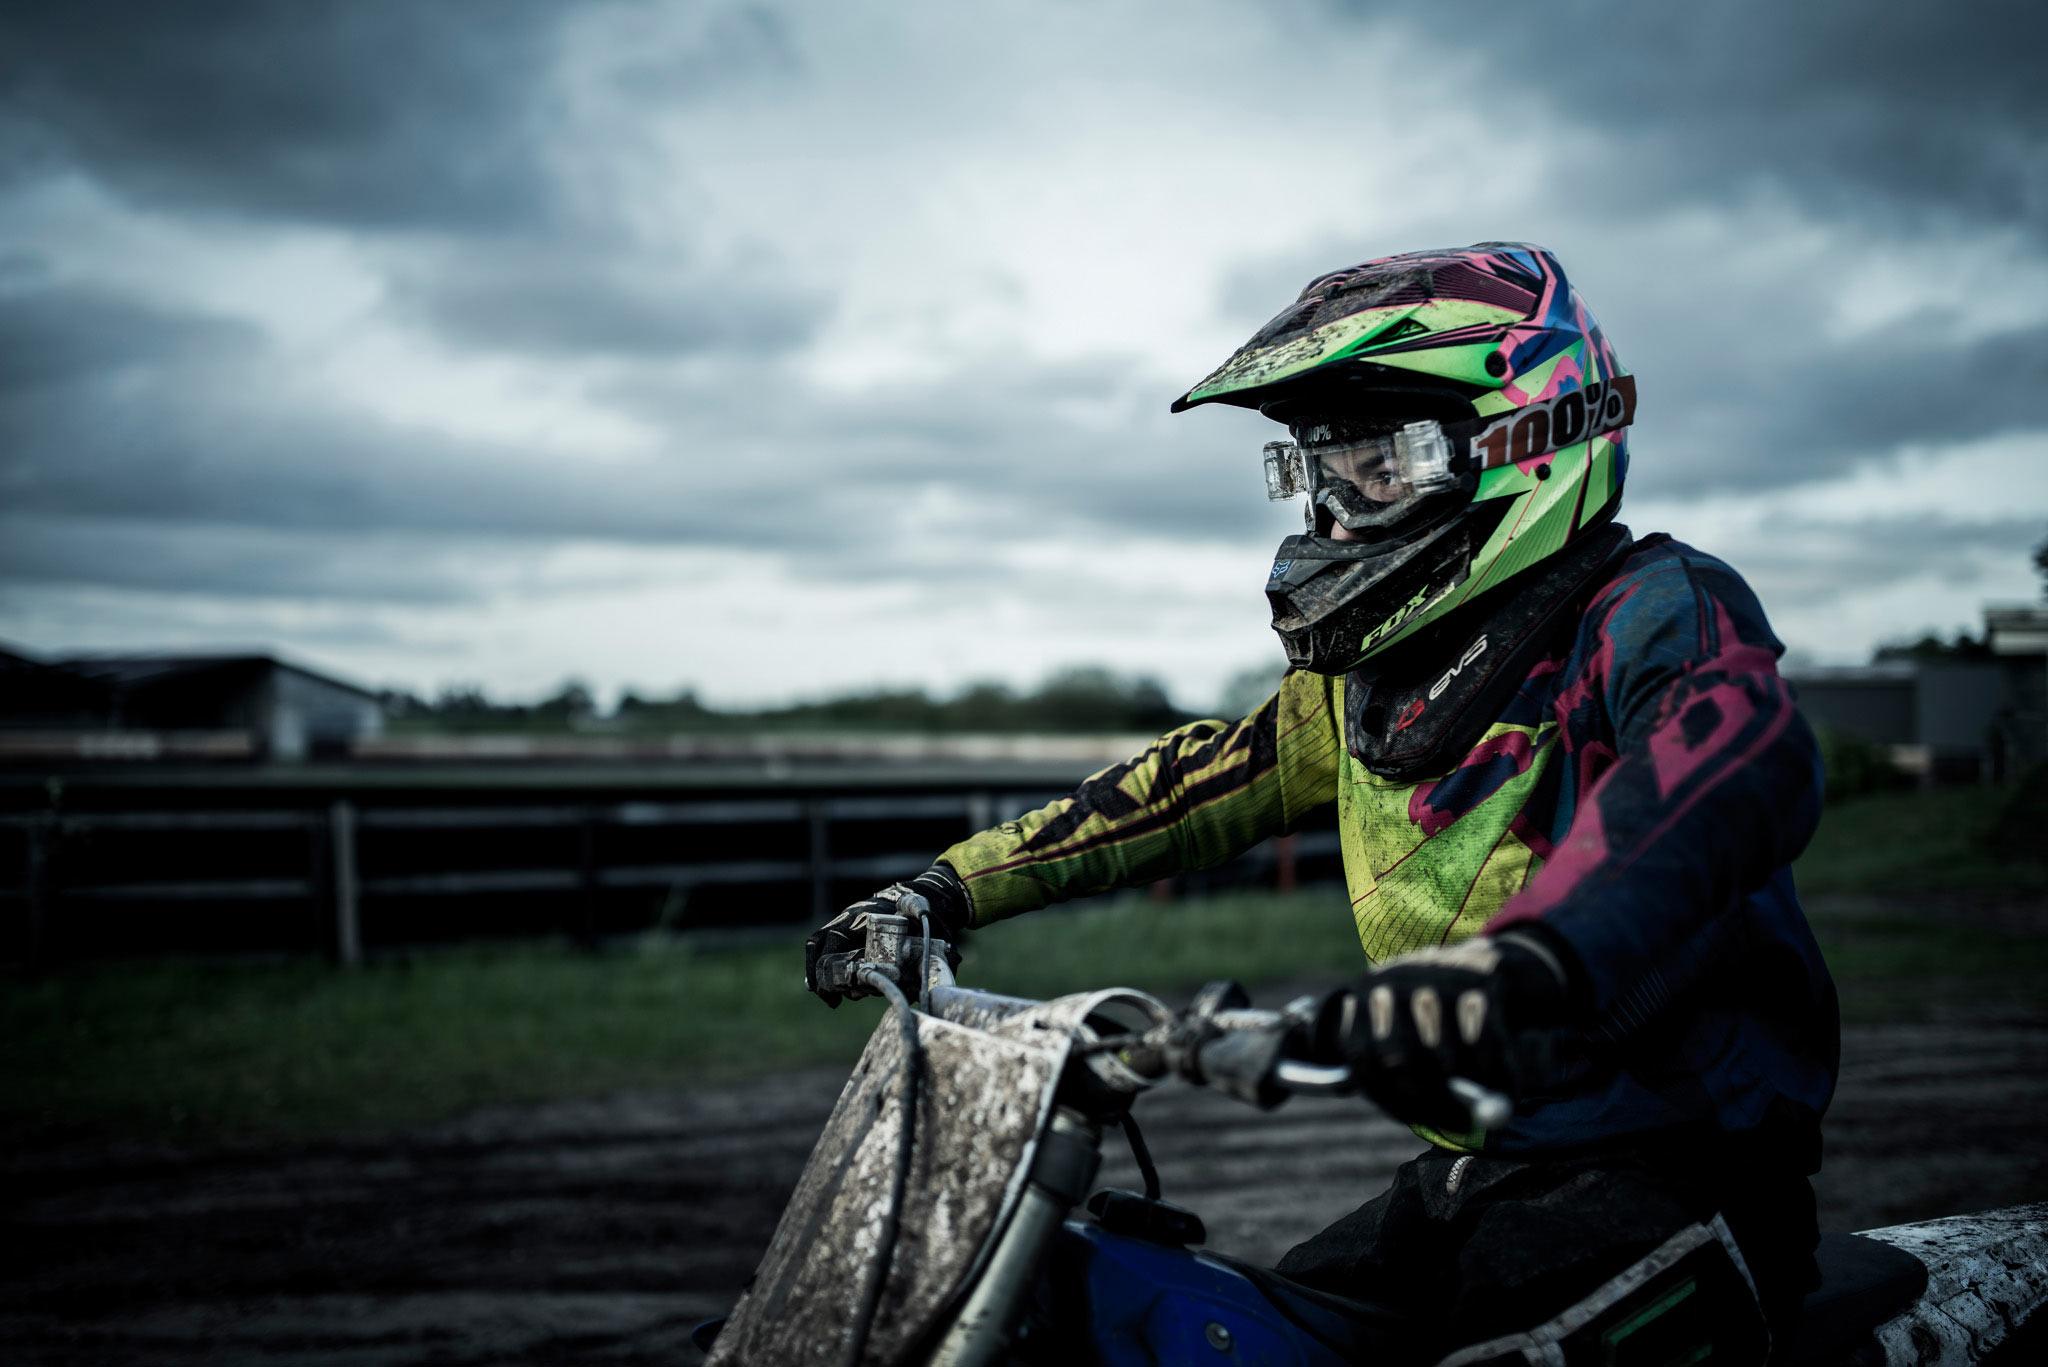 Motocross - Fotograf - Herning - Livsstil